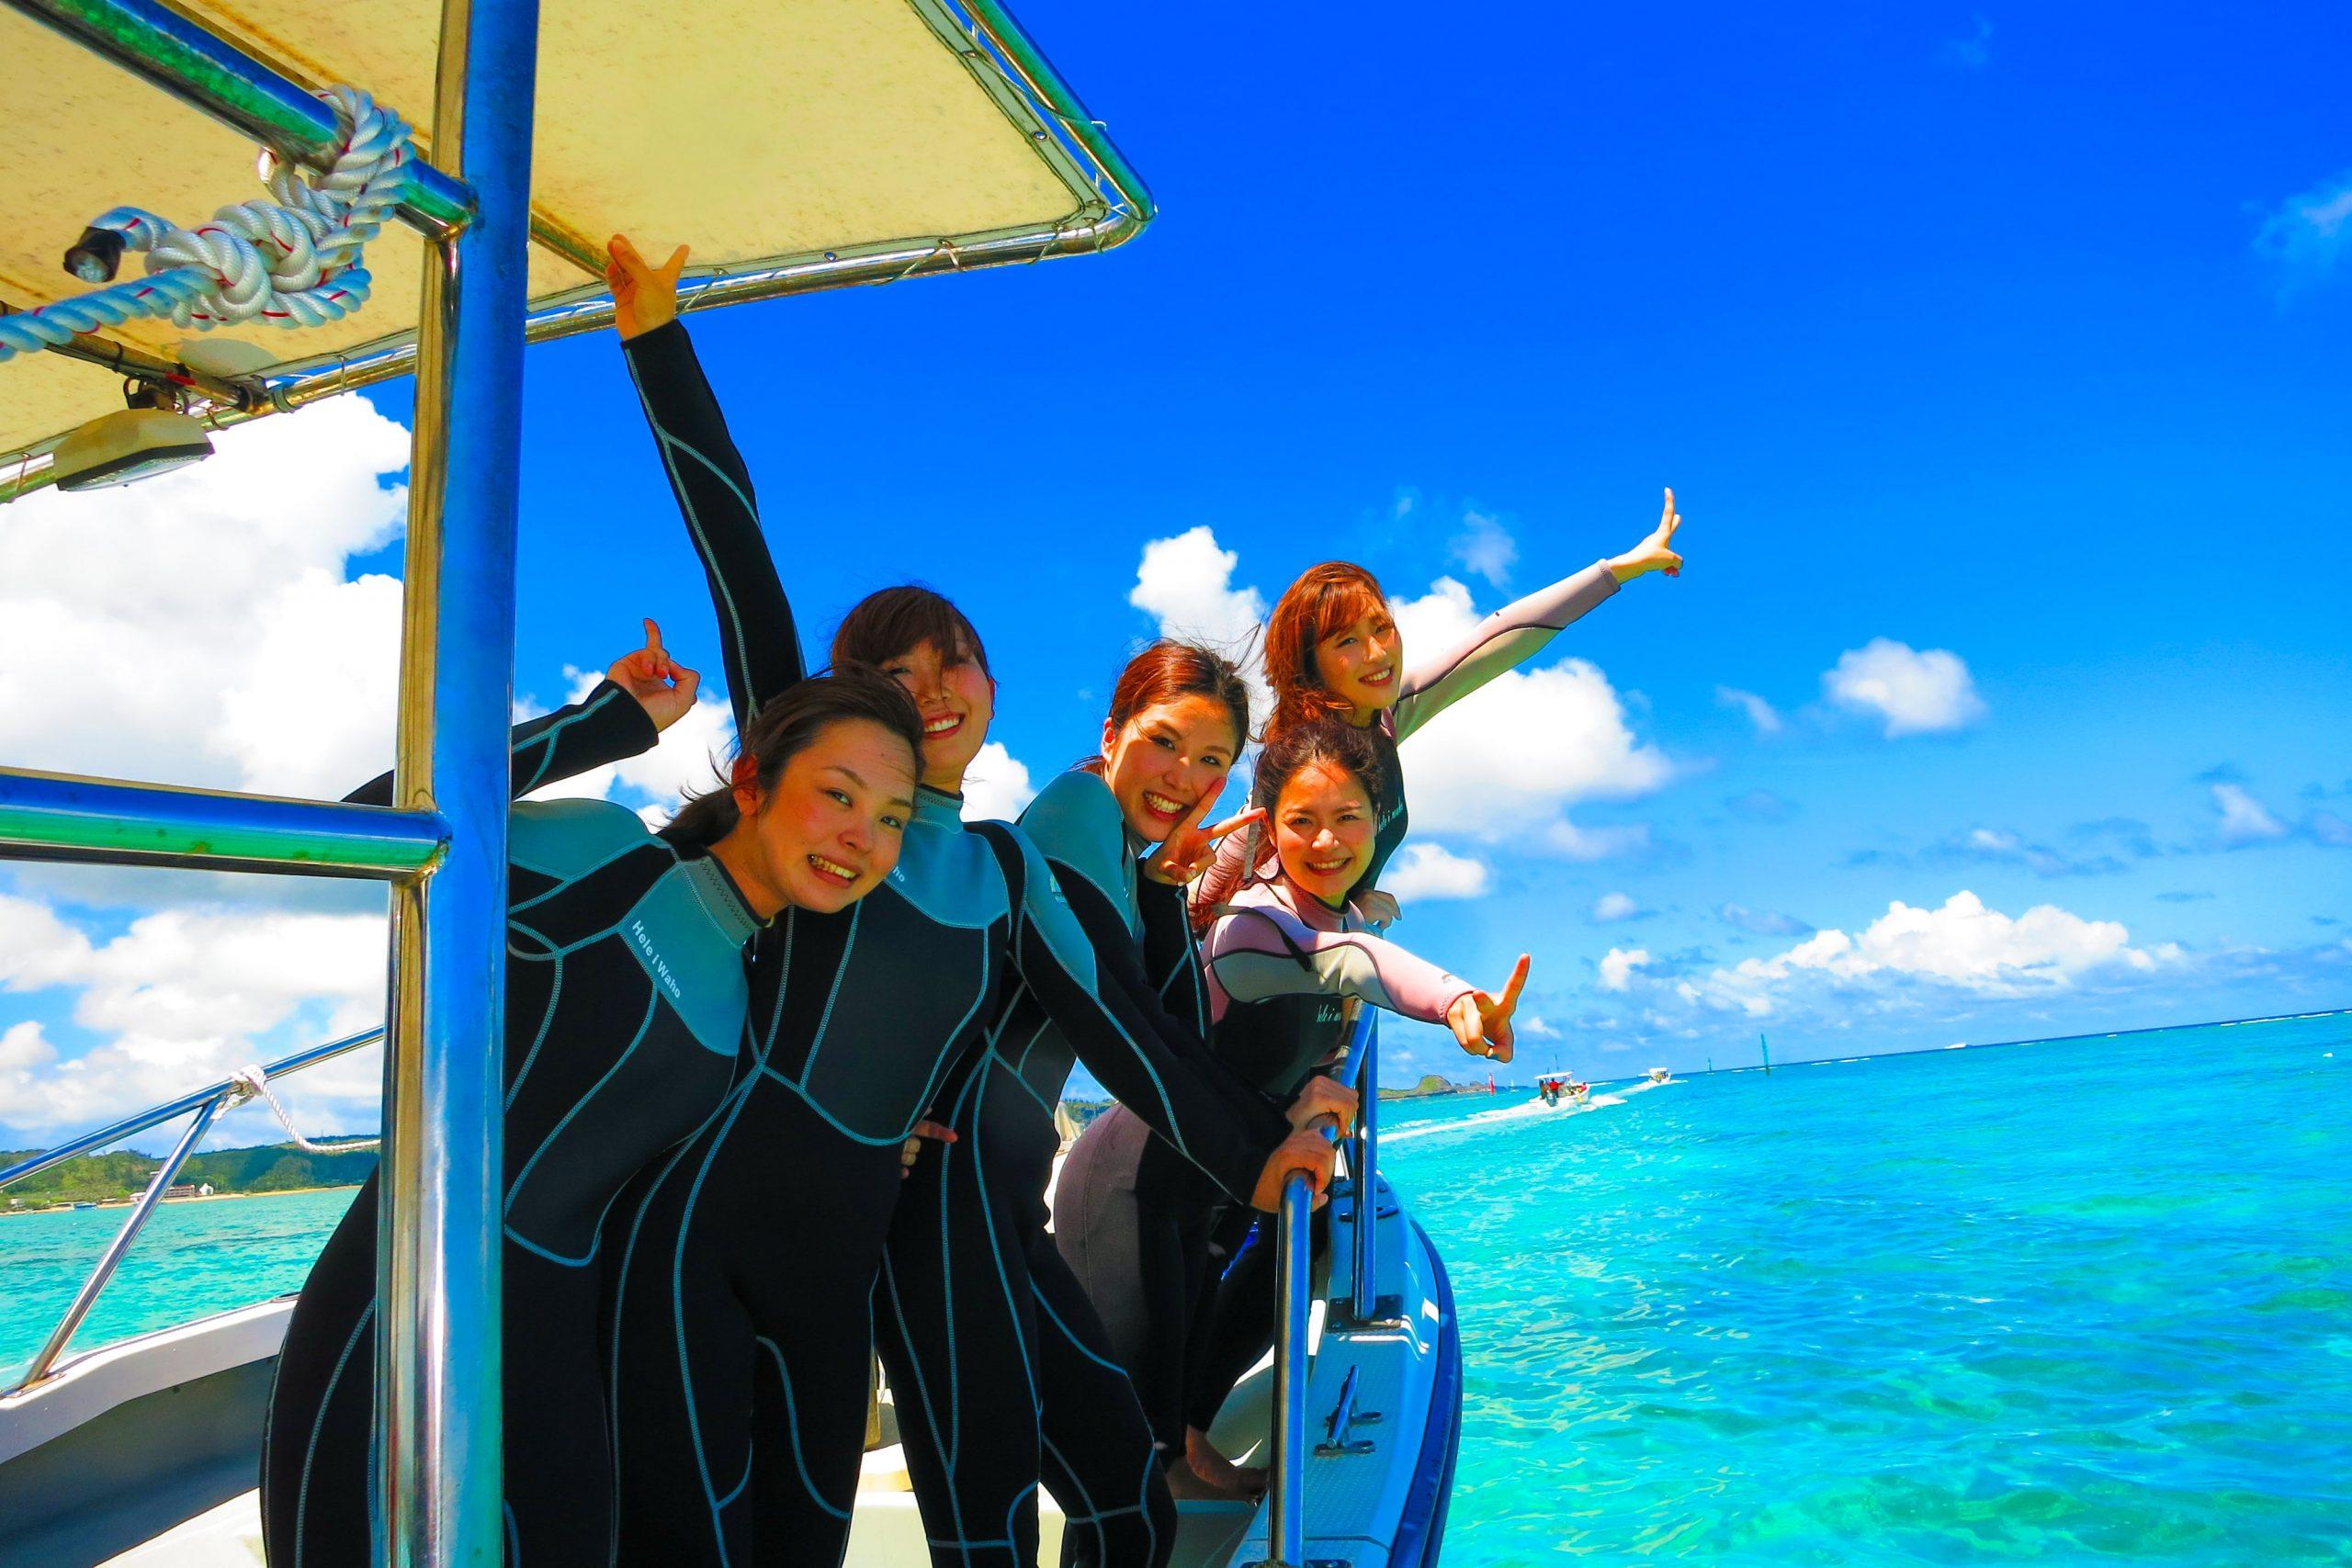 【恩納村】【貸切制】らくらくボート開催!「青の洞窟」体験ダイビング(写真・動画撮影サービス付)(No.77)